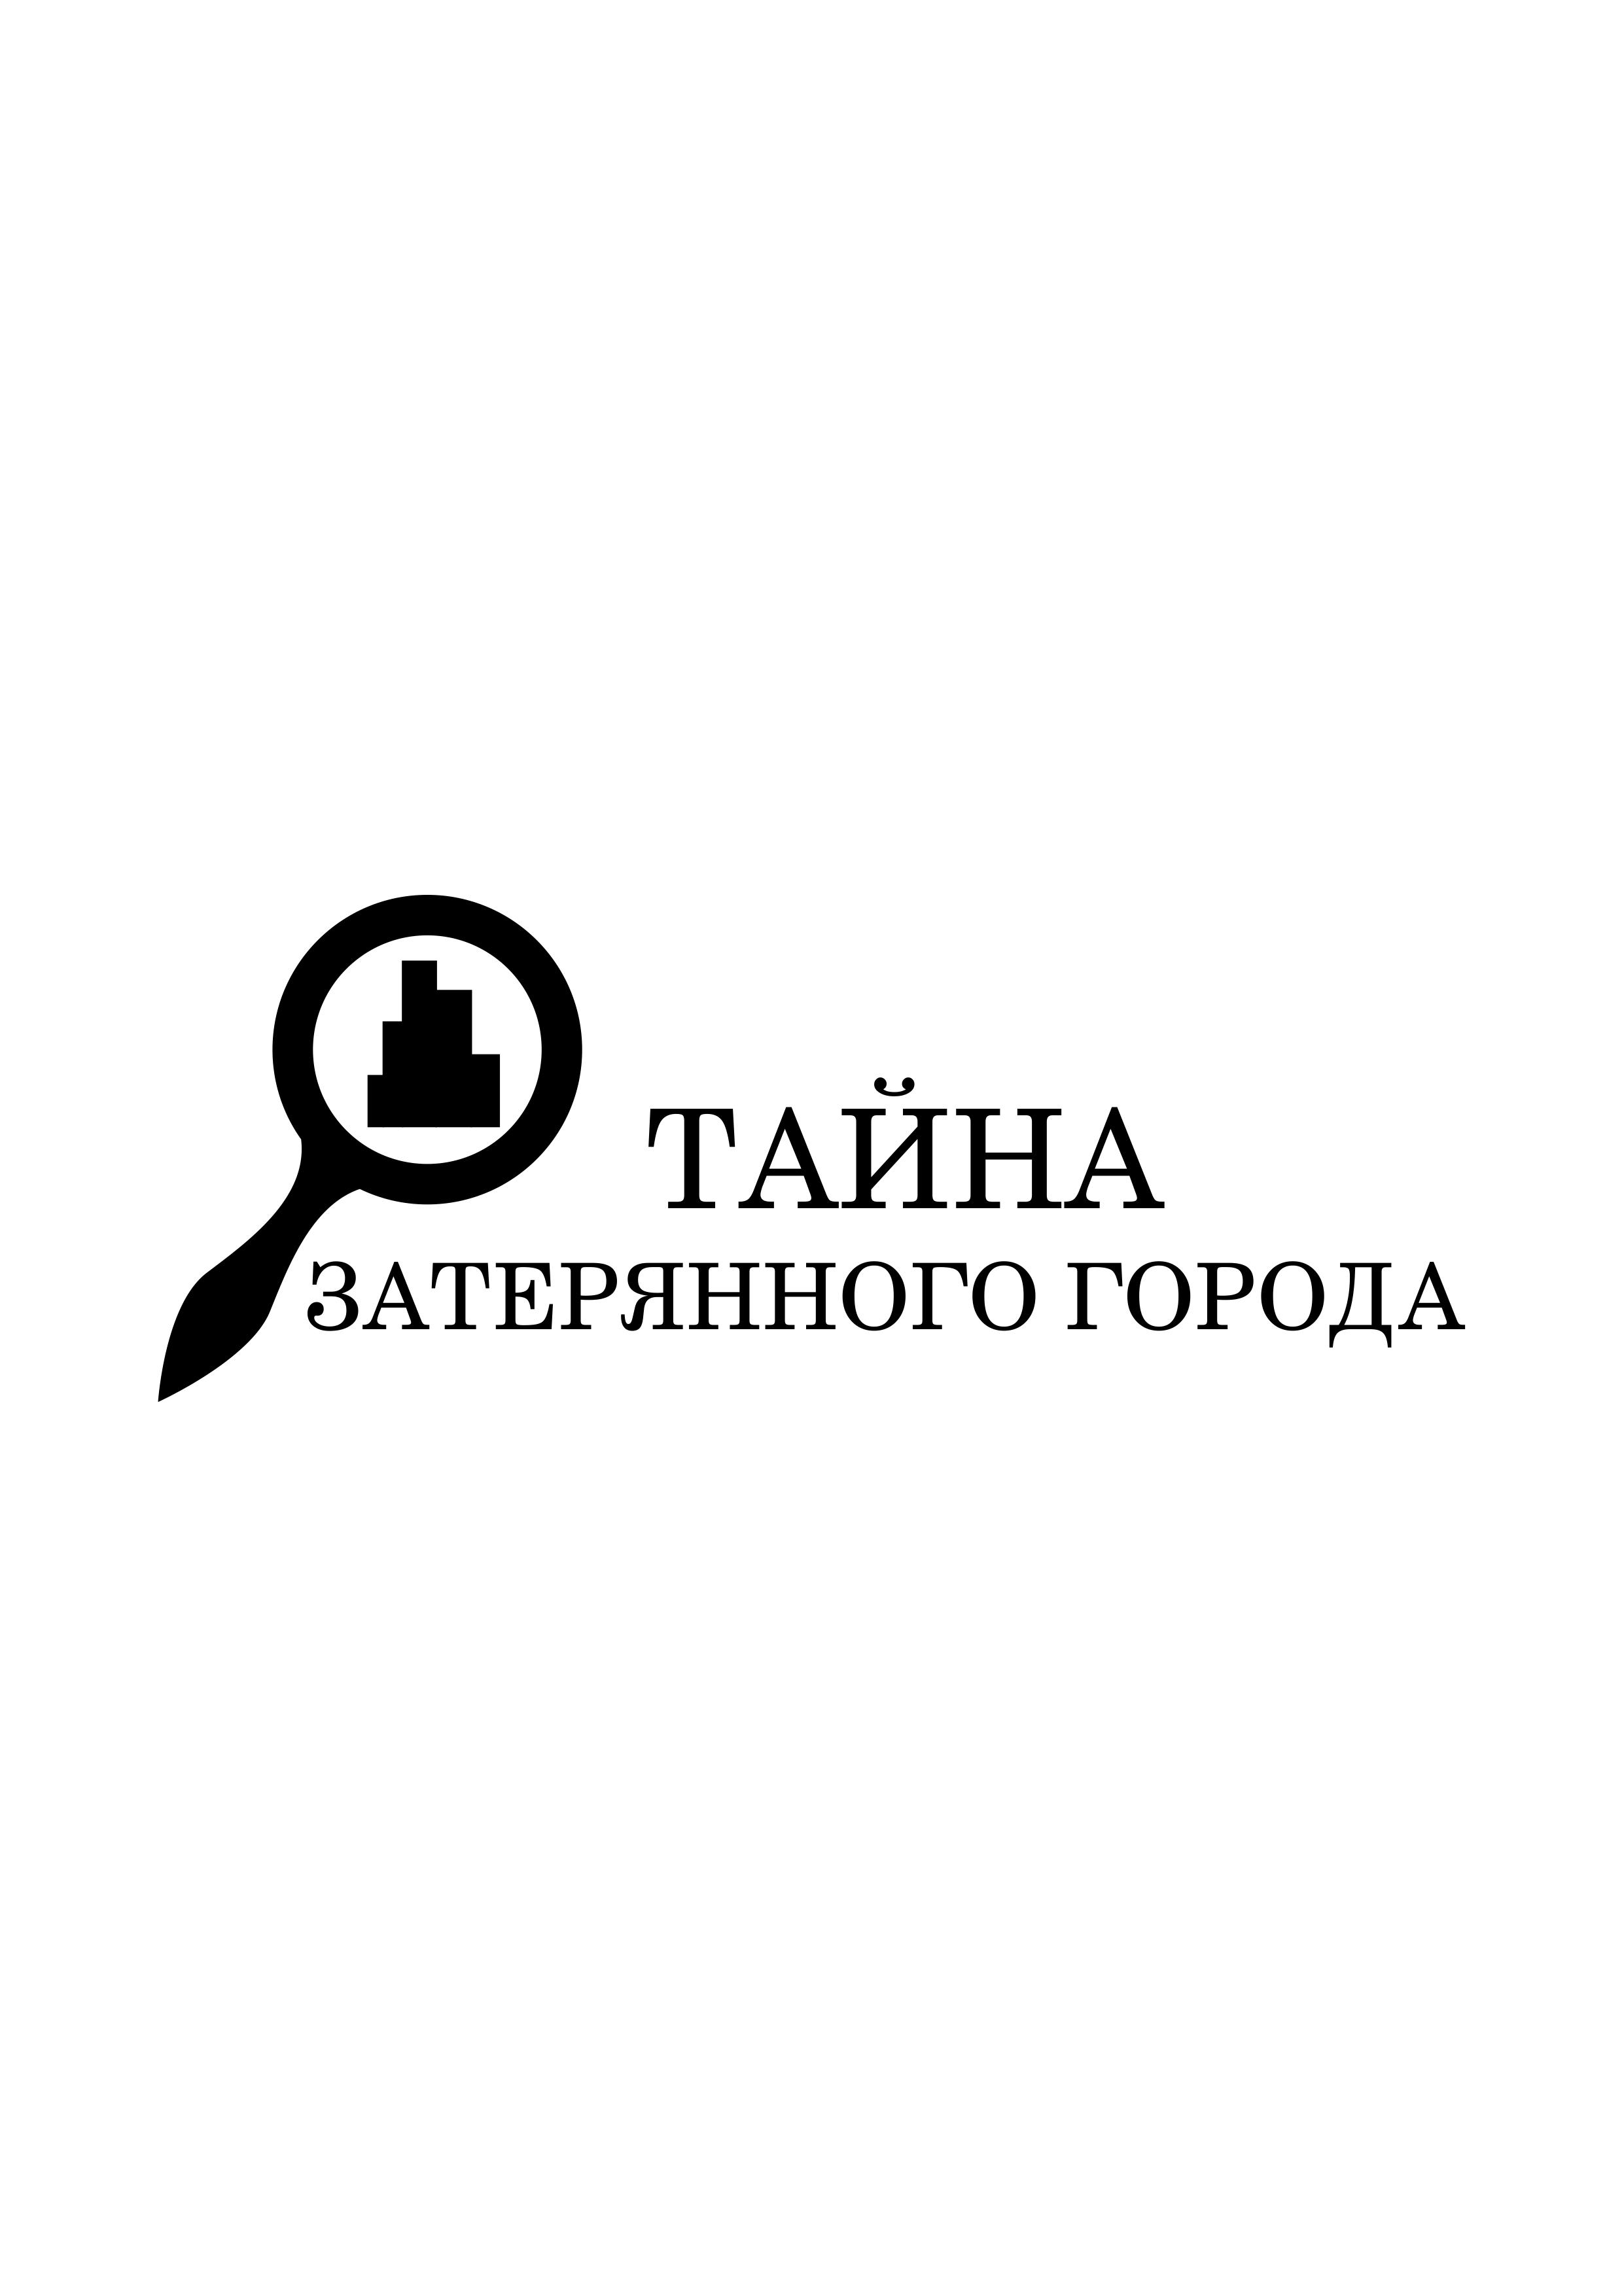 Разработка логотипа и шрифтов для Квеста  фото f_6725b40762744eb2.jpg